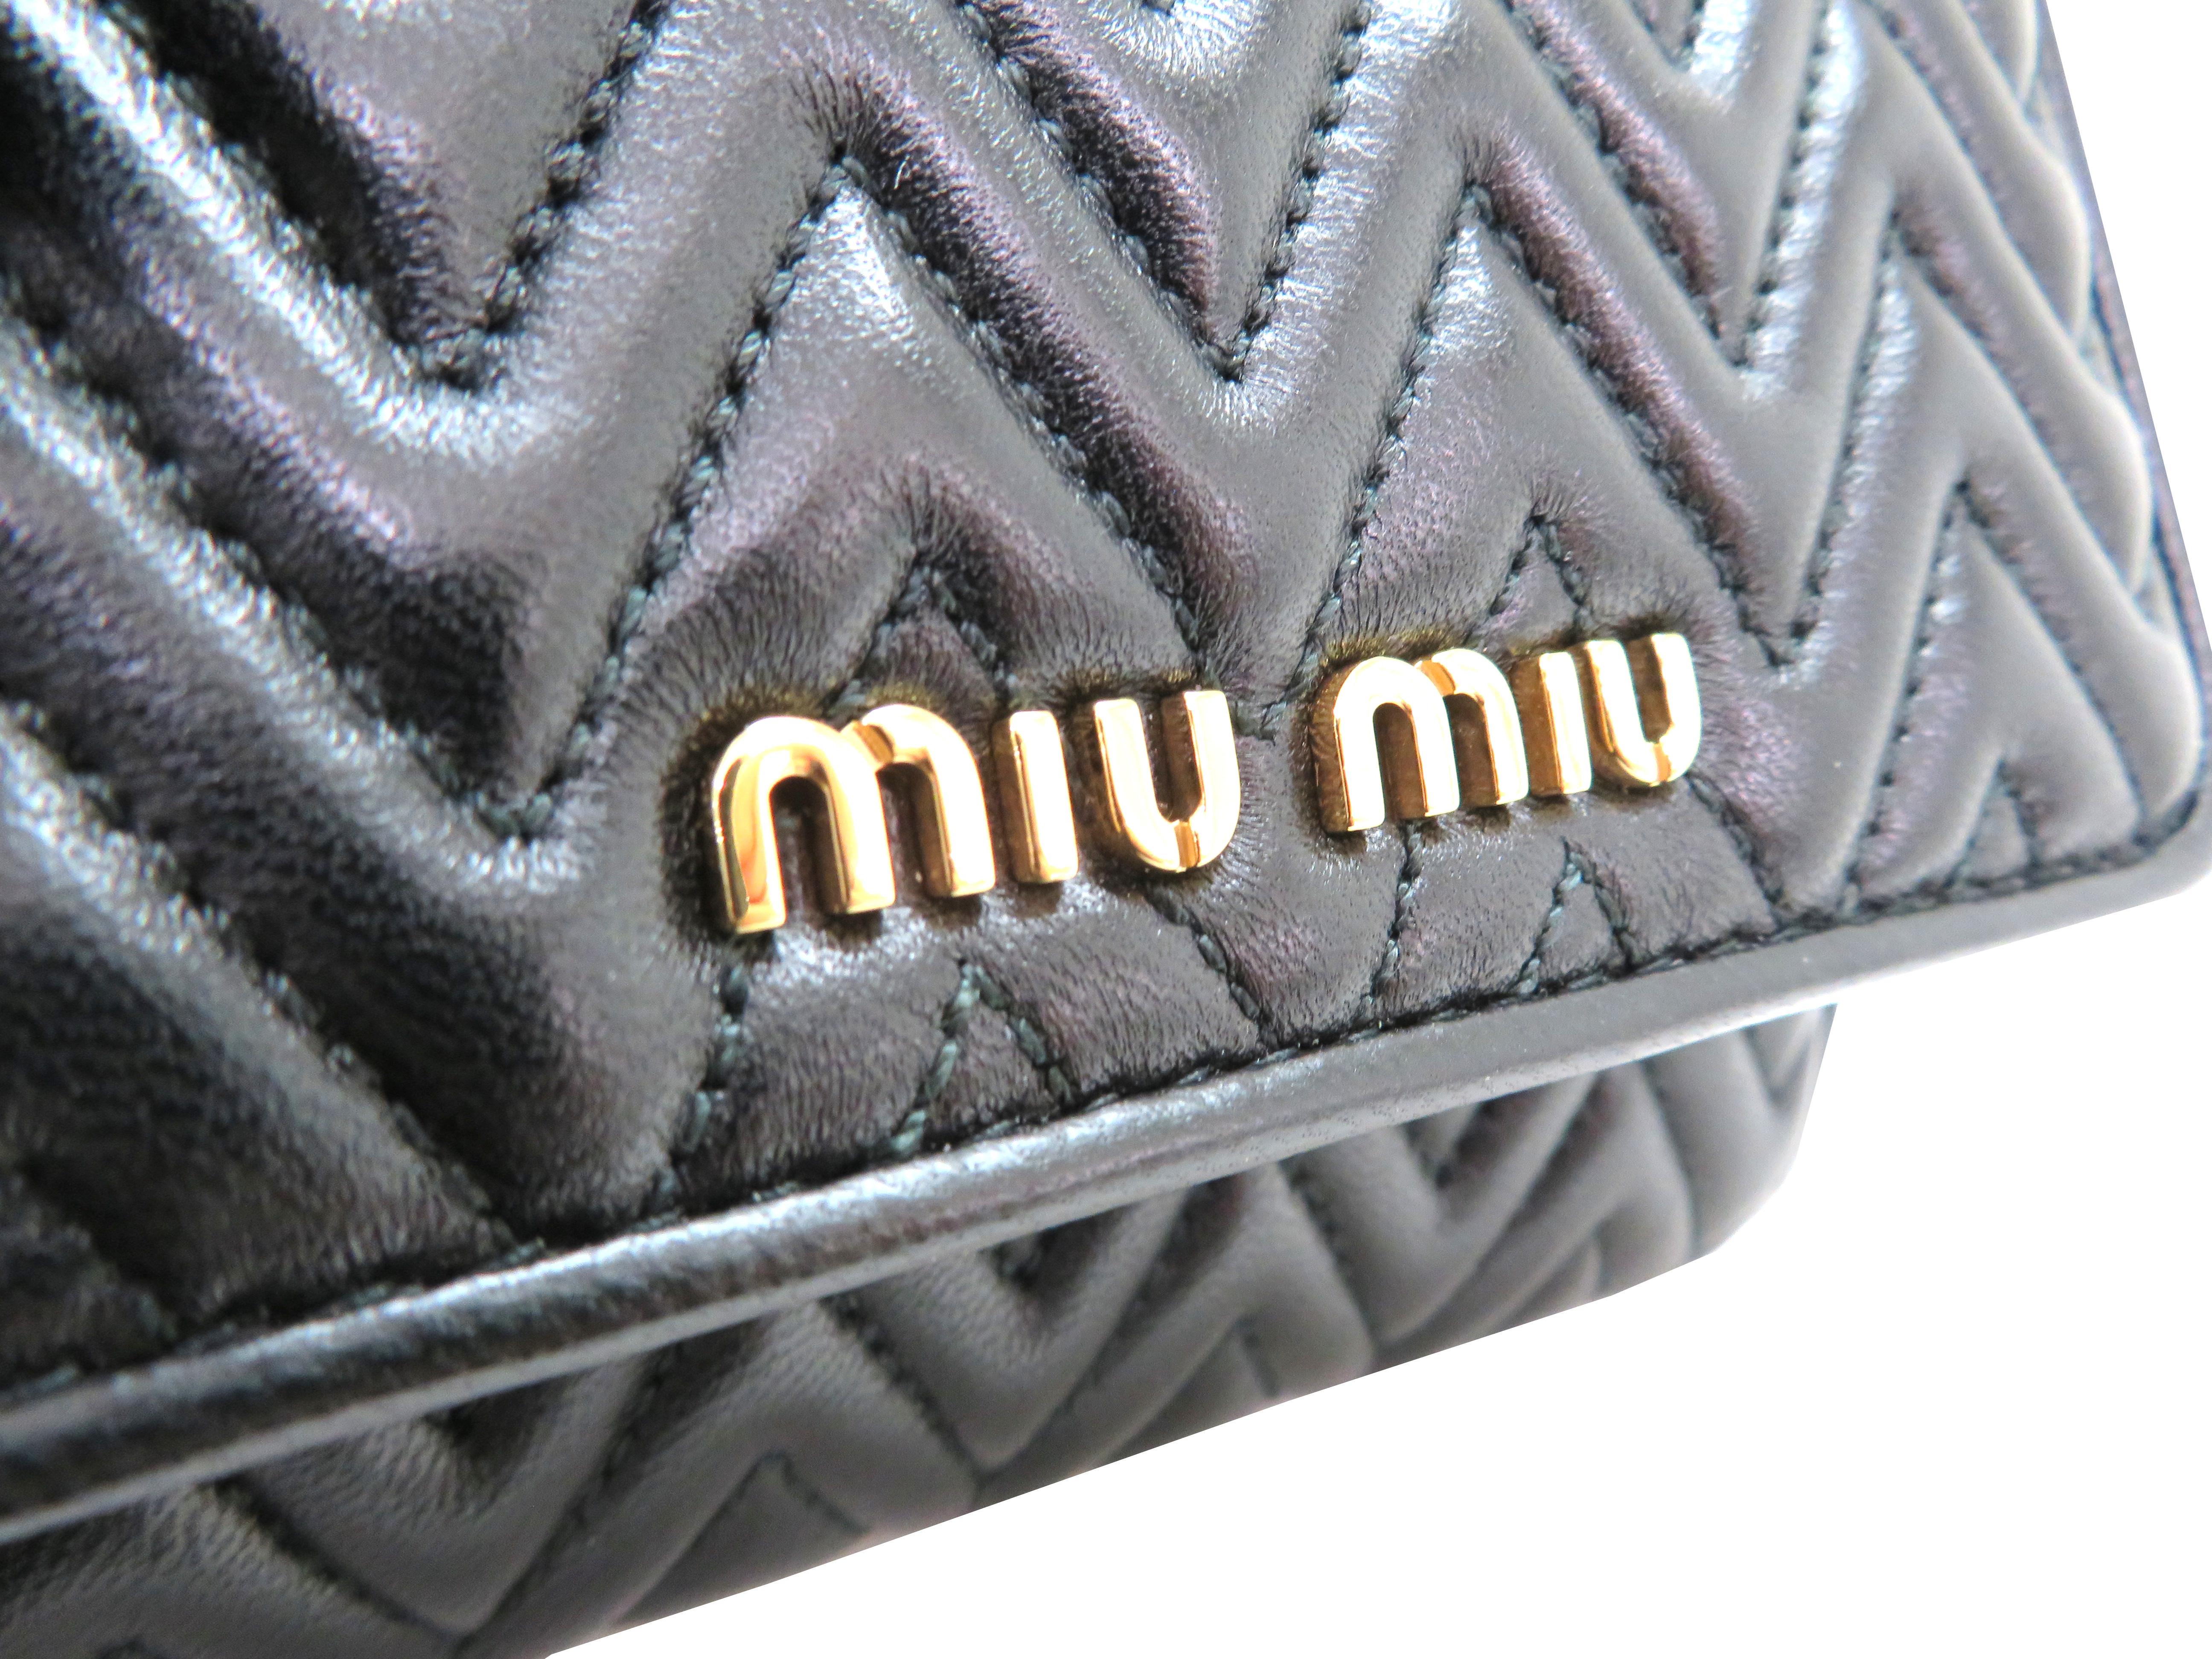 miumiu ミュウミュウ 財布 Wホックコンパクト財布 ブラック ラムスキン 5MH523 【204】 image number 3